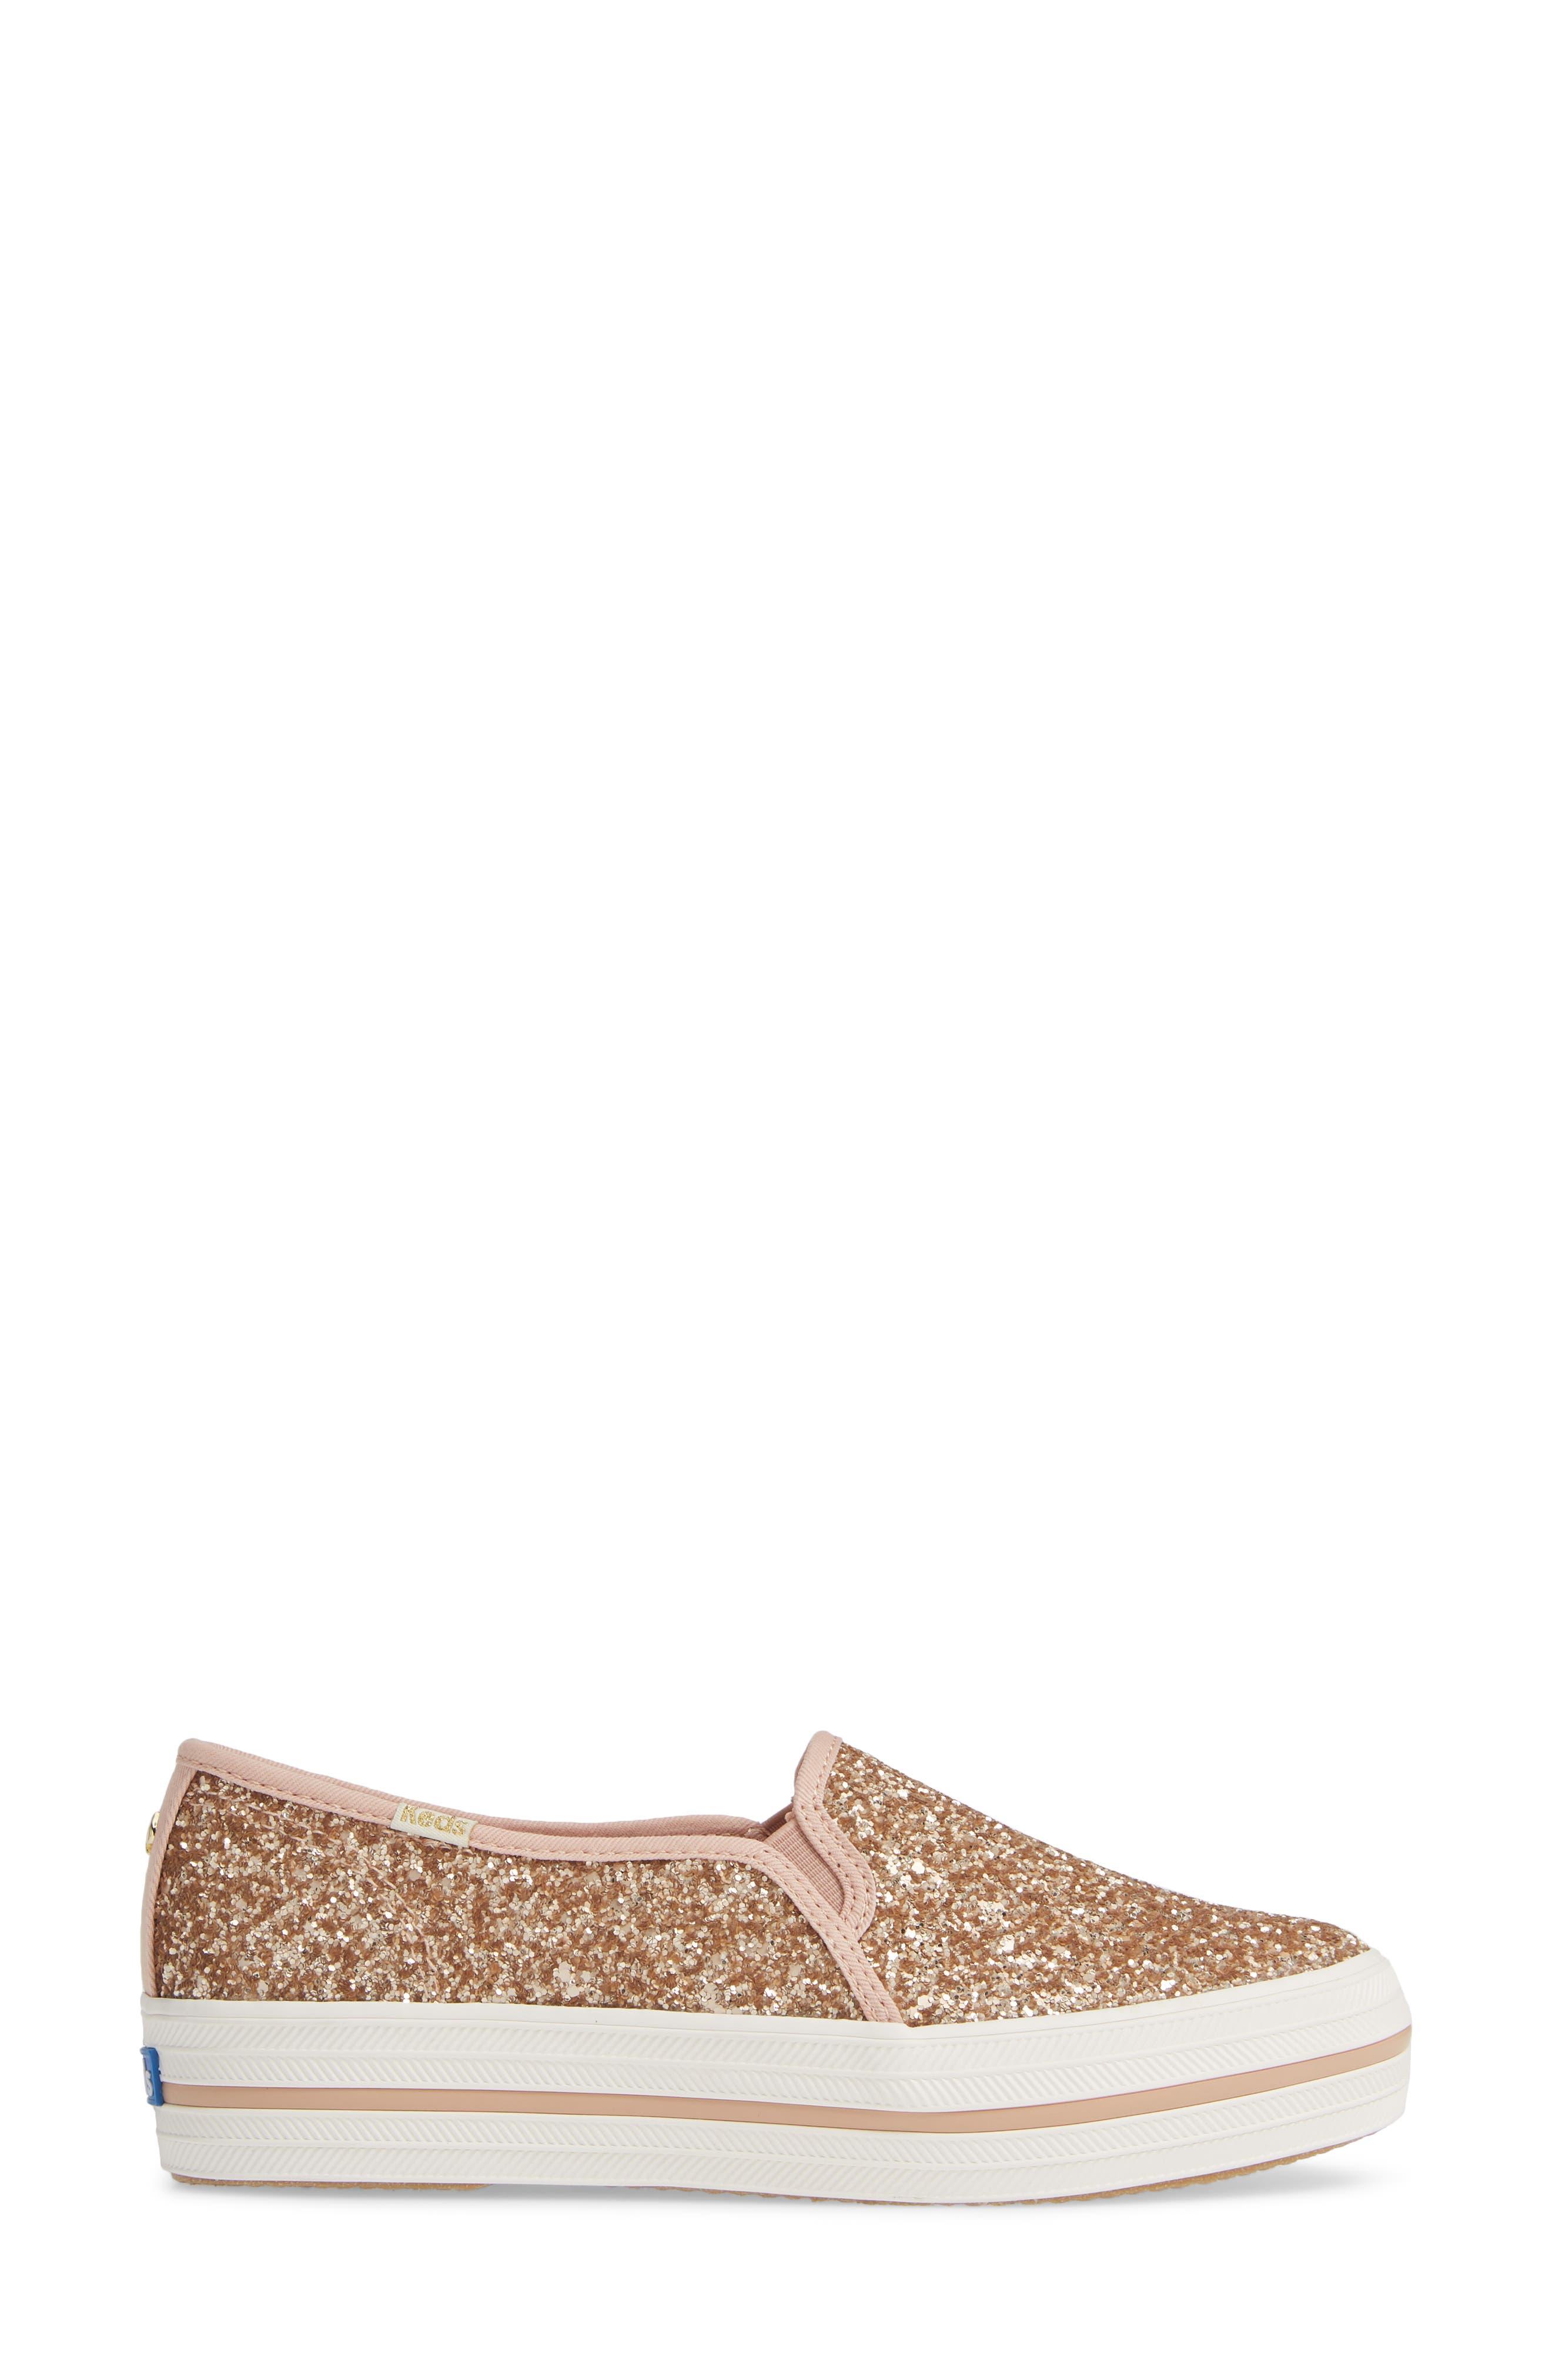 KEDS<SUP>®</SUP> FOR KATE SPADE NEW YORK, triple decker glitter slip-on sneaker, Alternate thumbnail 3, color, ROSE GOLD